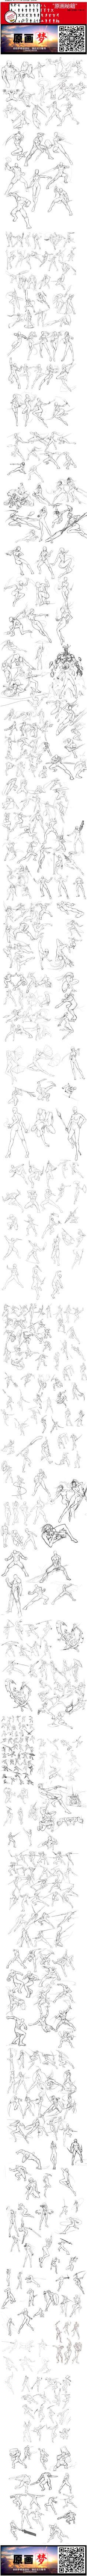 [Tutorial] various domineering human hands drawing